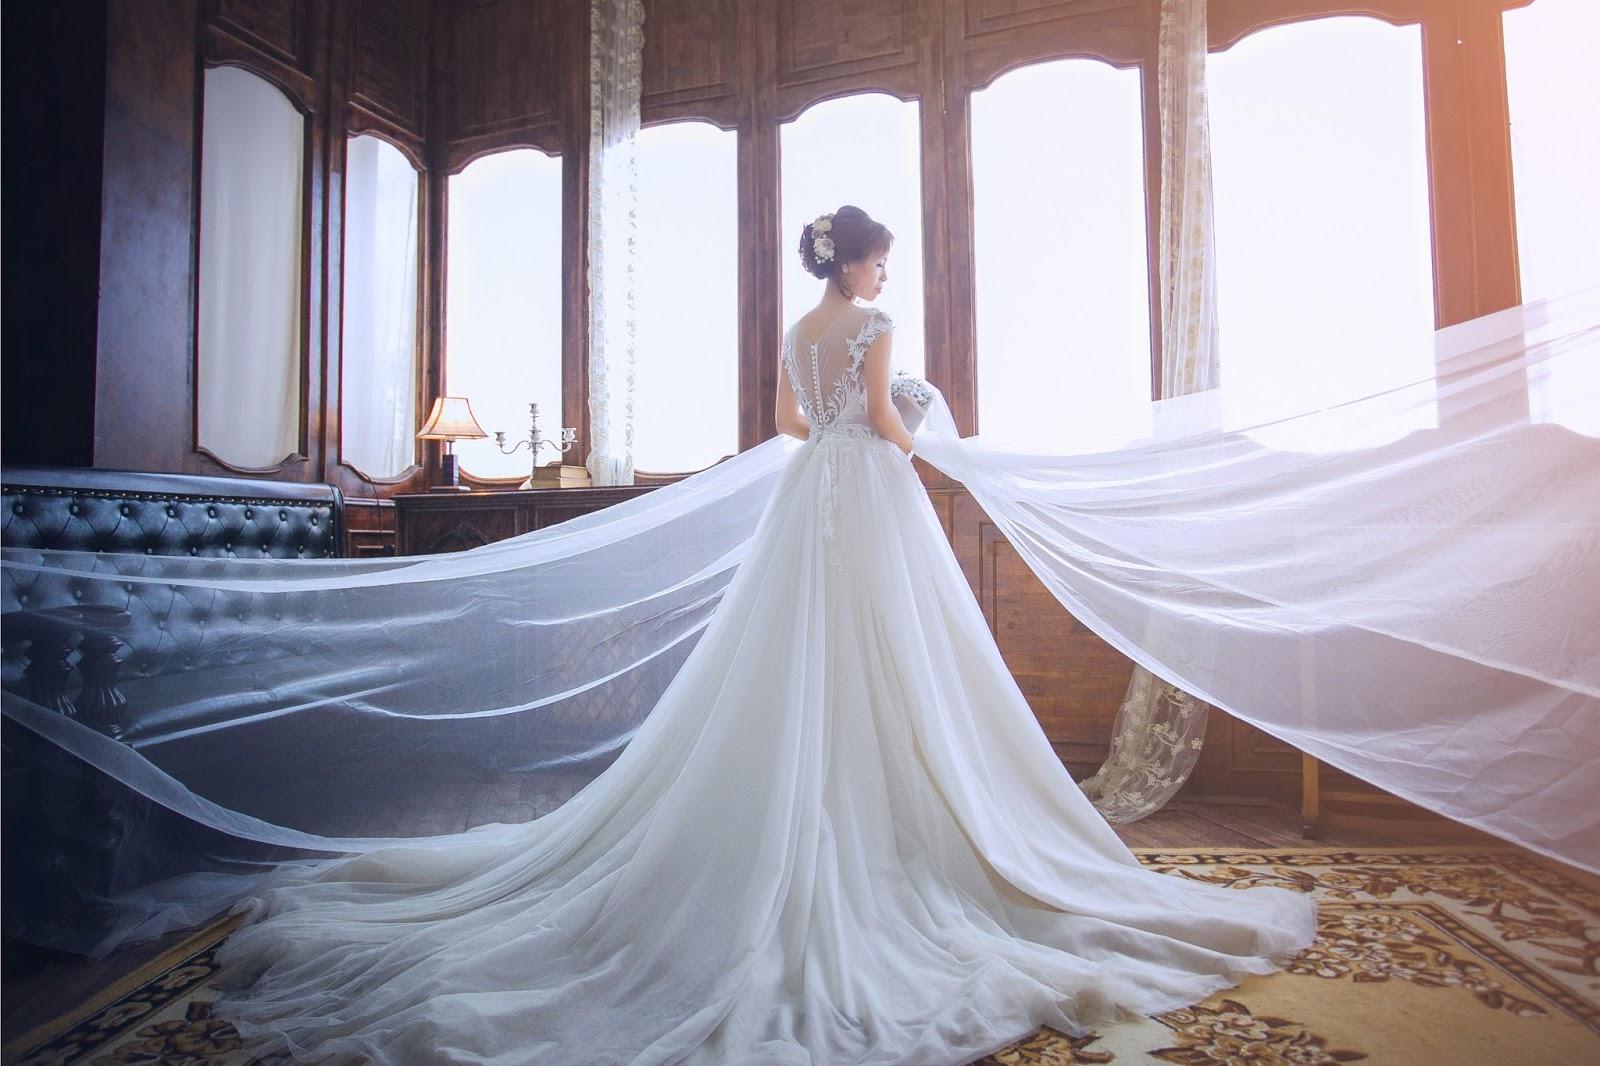 Địa điểm chụp ảnh cưới đẹp - phim trường Rosa